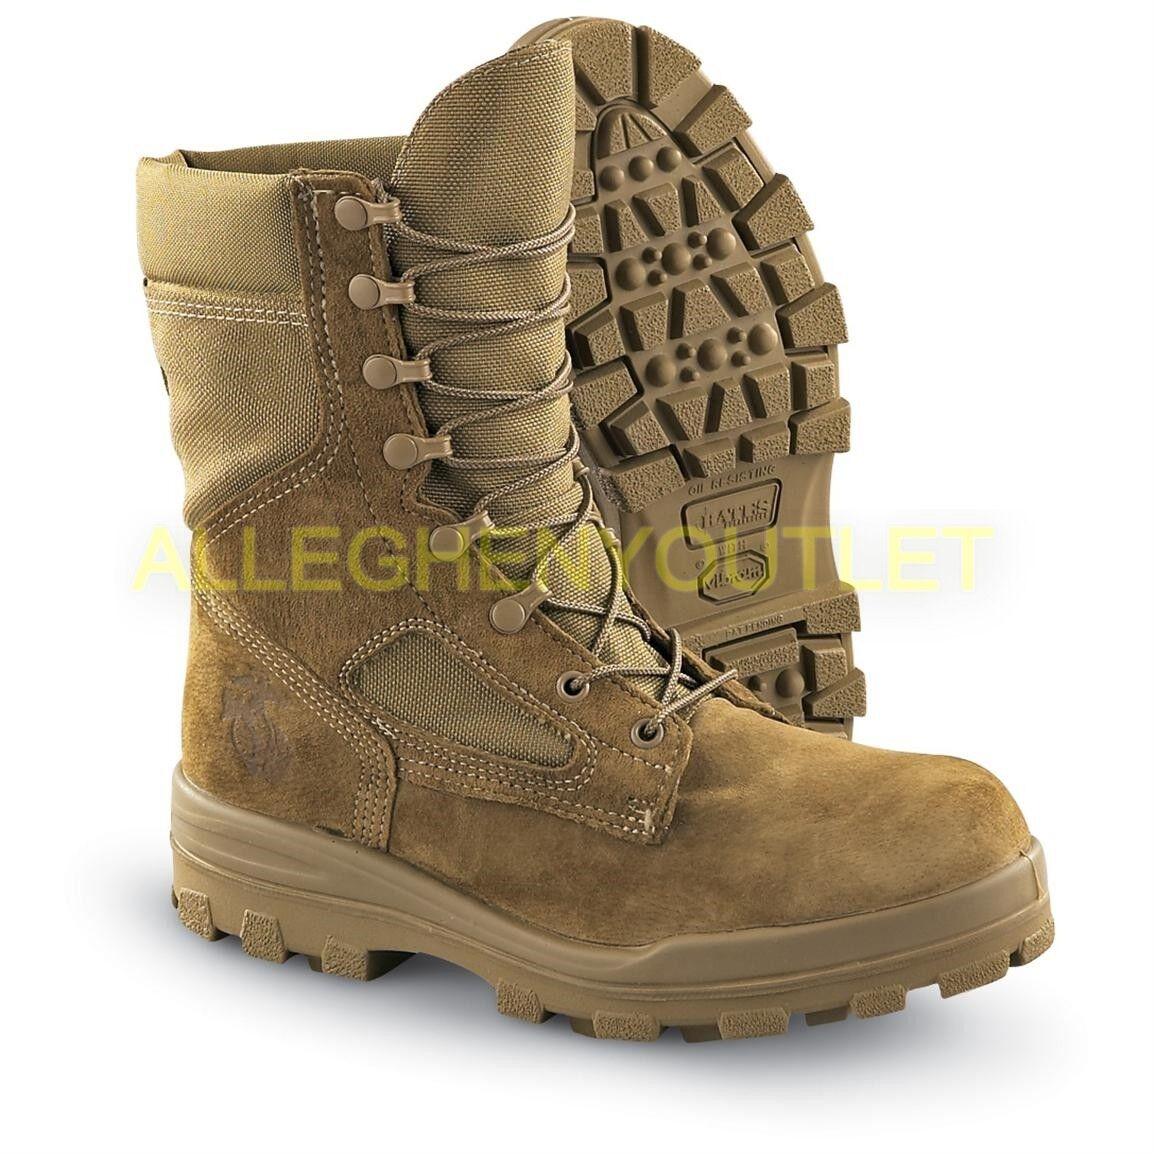 USMC Mens GoreTex Temperate Weather Boots Vibram Durashock S